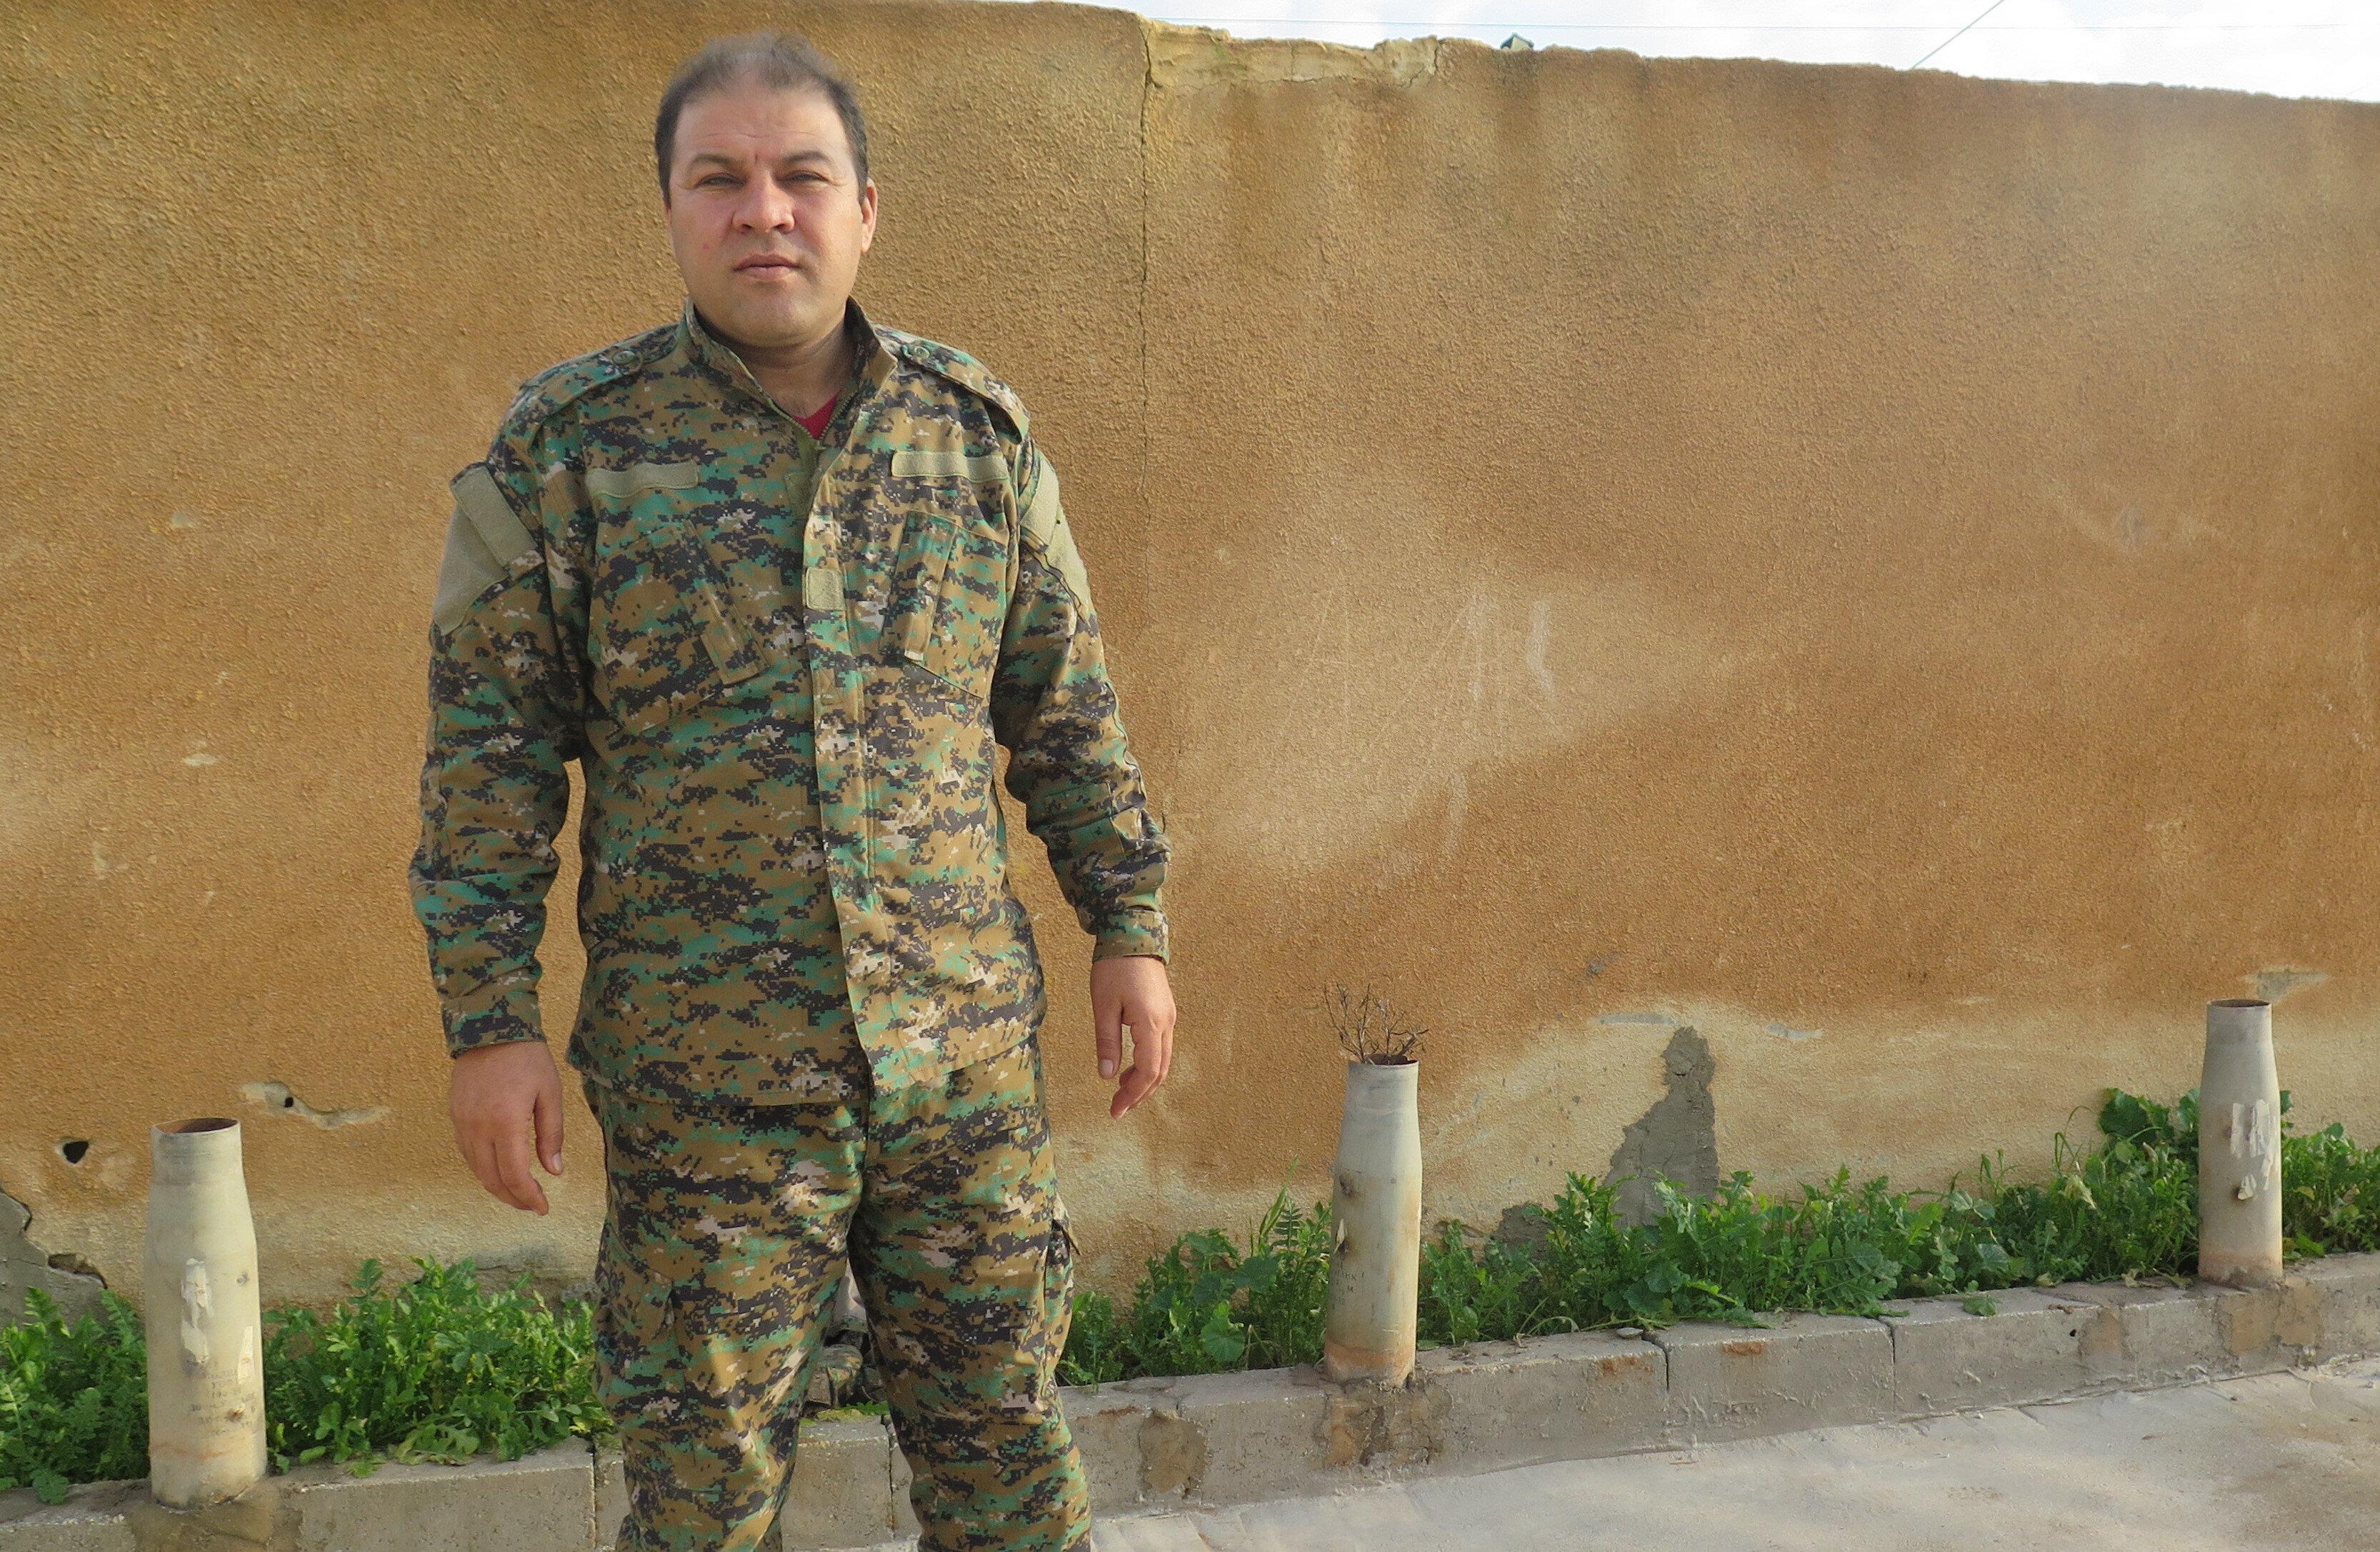 Terörist Mustafa Bali, örgütten kaçarak Türkiye'ye sığınan Talal Silo'nun yerine PYD'nin sözde sözcüsü olarak görevlendirildi.